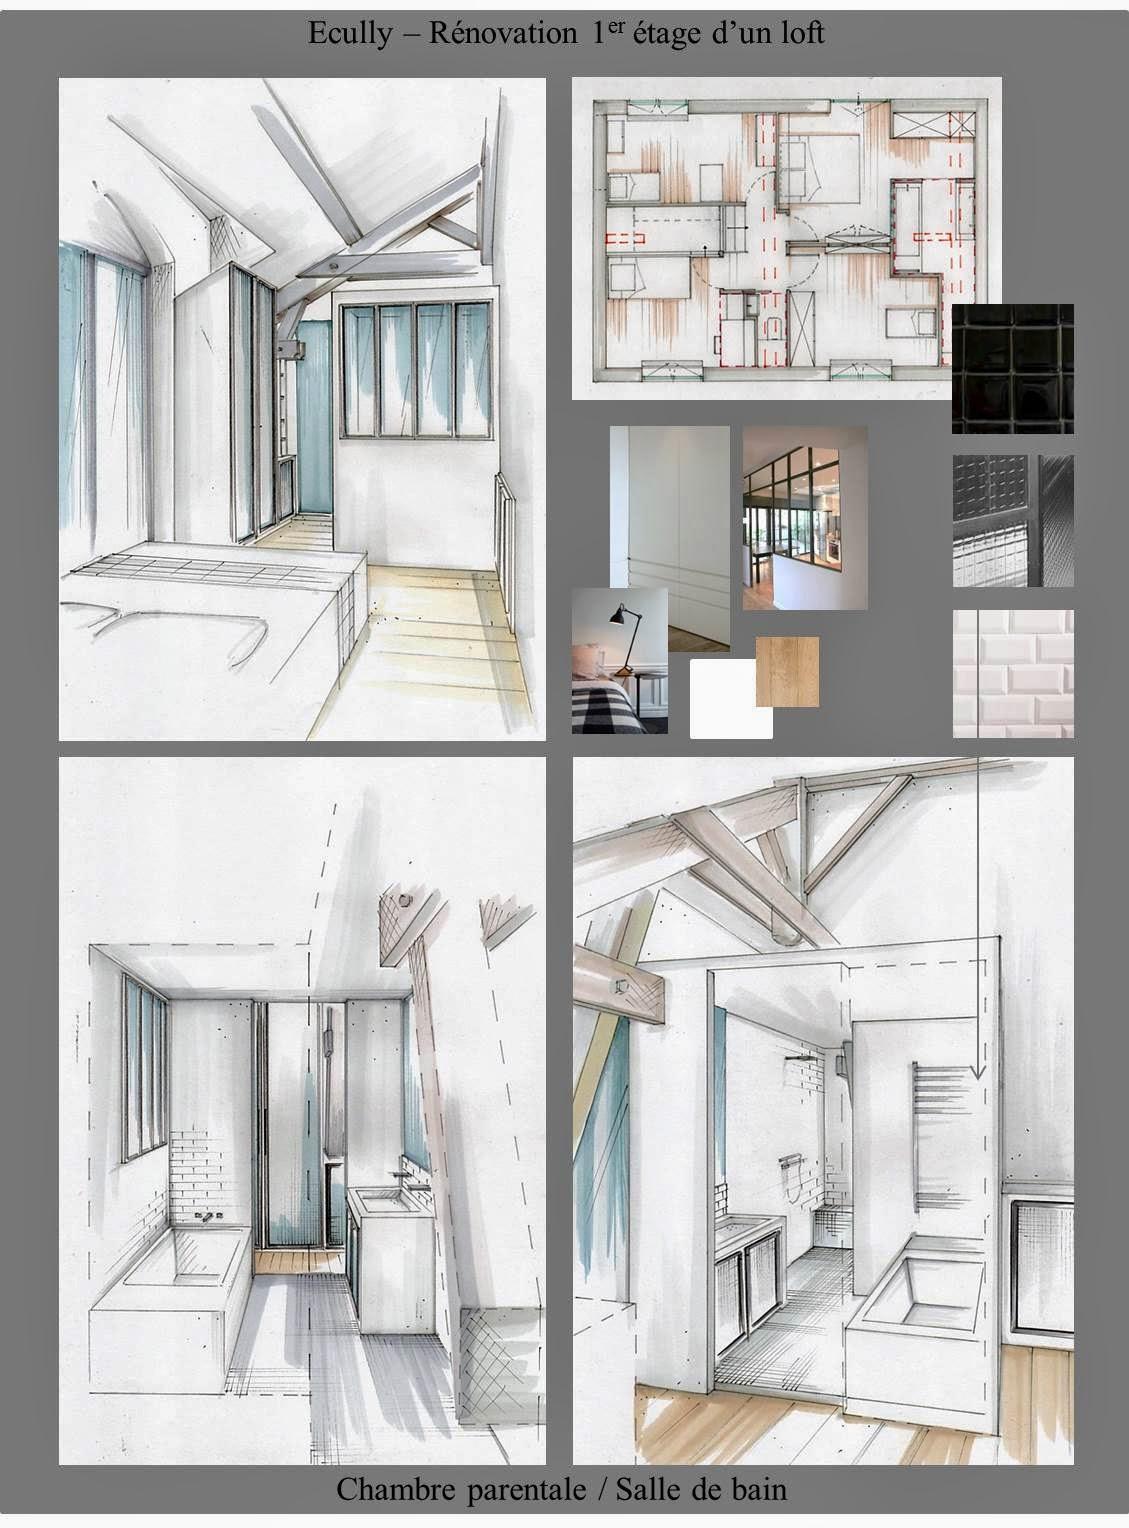 isabelle chalumeau conception graphique et d coration d 39 int rieur ecully loft. Black Bedroom Furniture Sets. Home Design Ideas